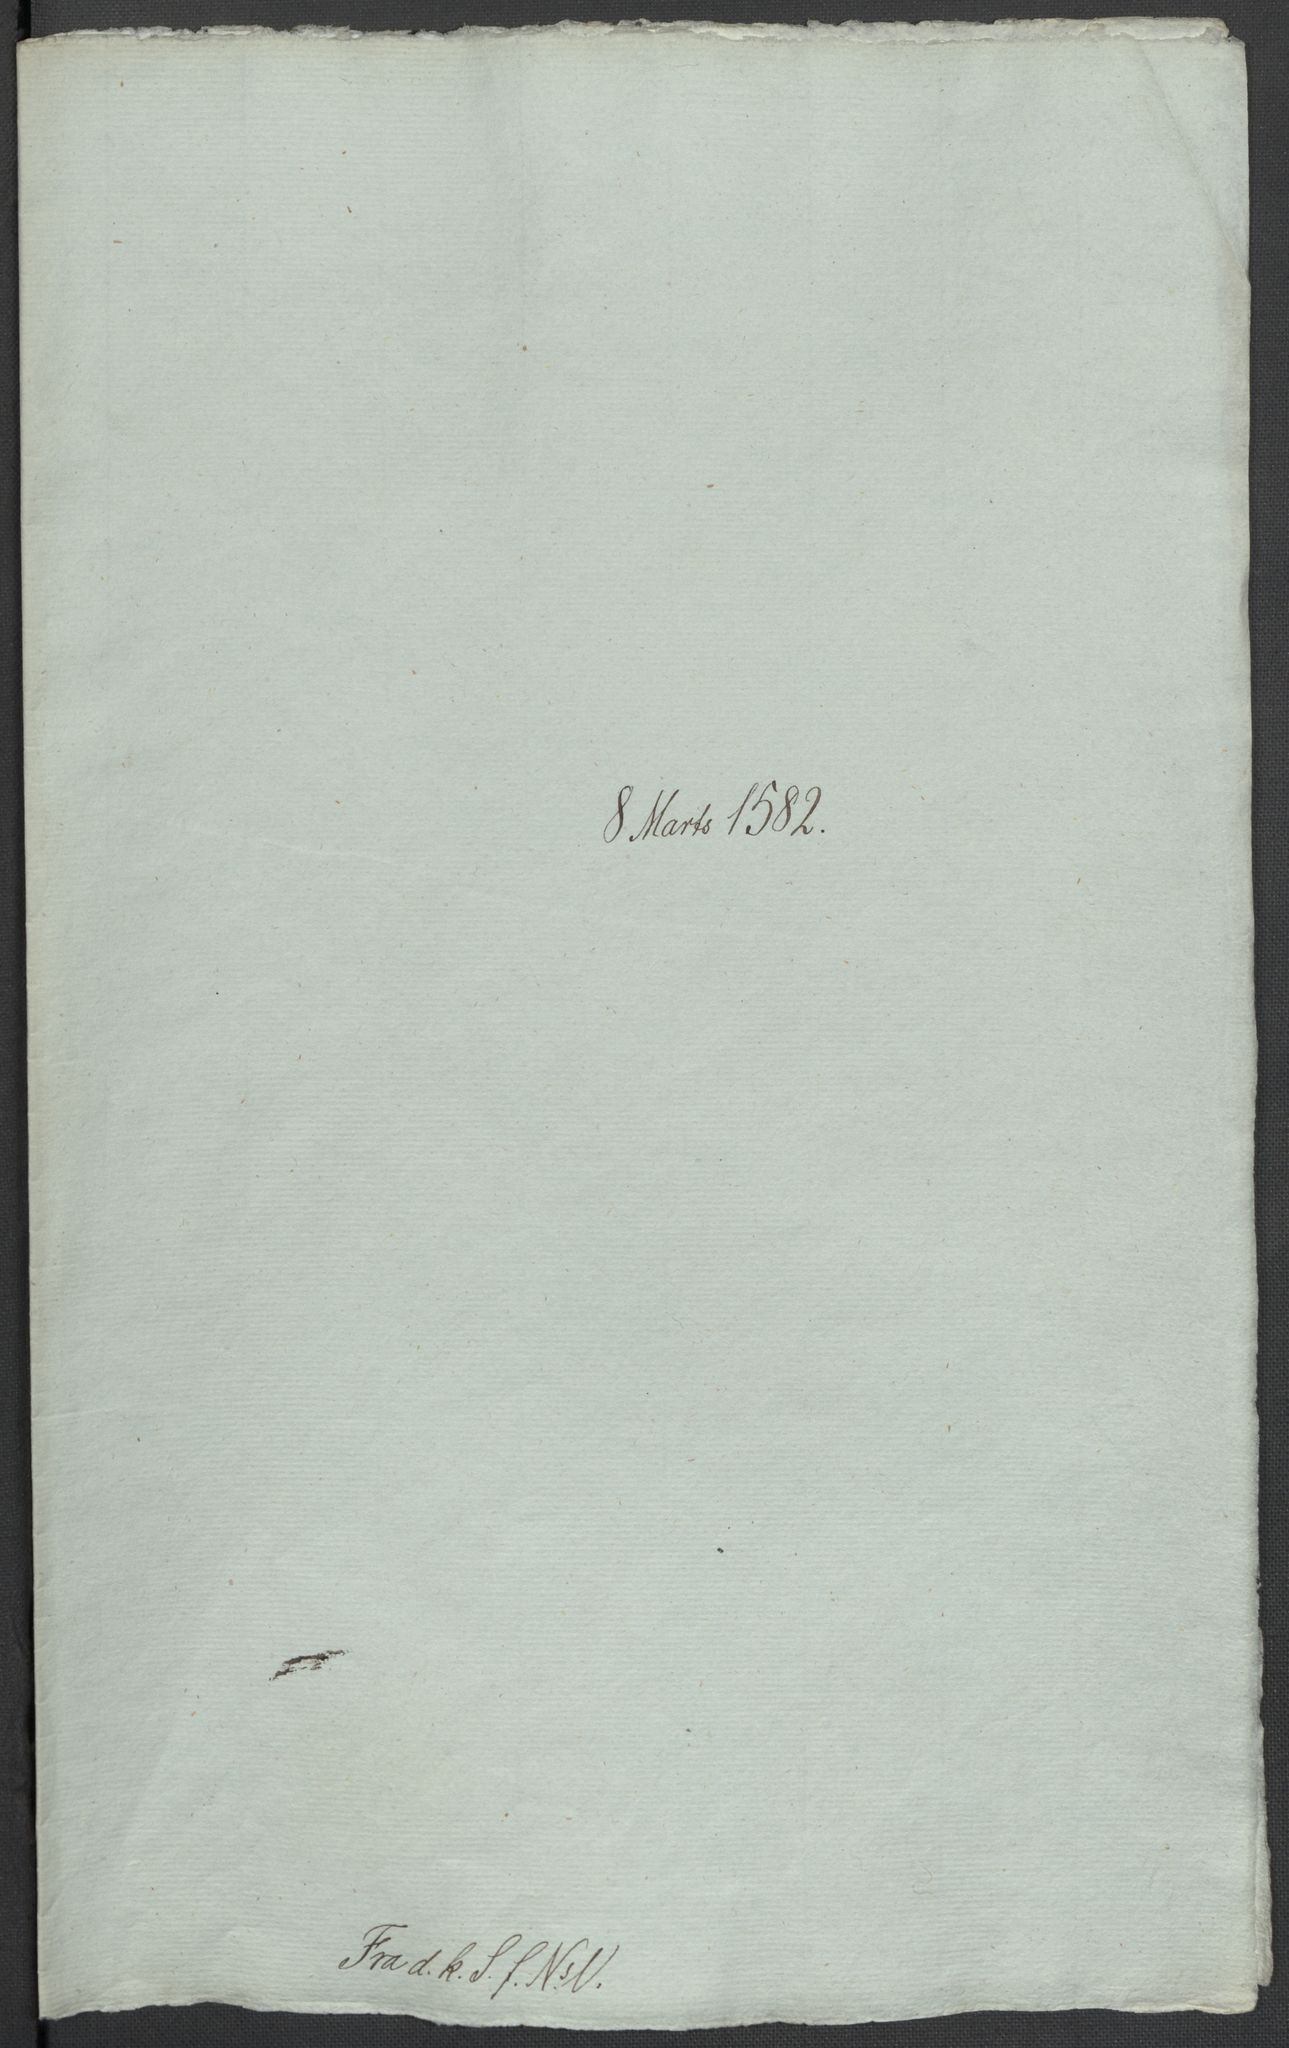 RA, Riksarkivets diplomsamling, F02/L0084: Dokumenter, 1582, s. 23